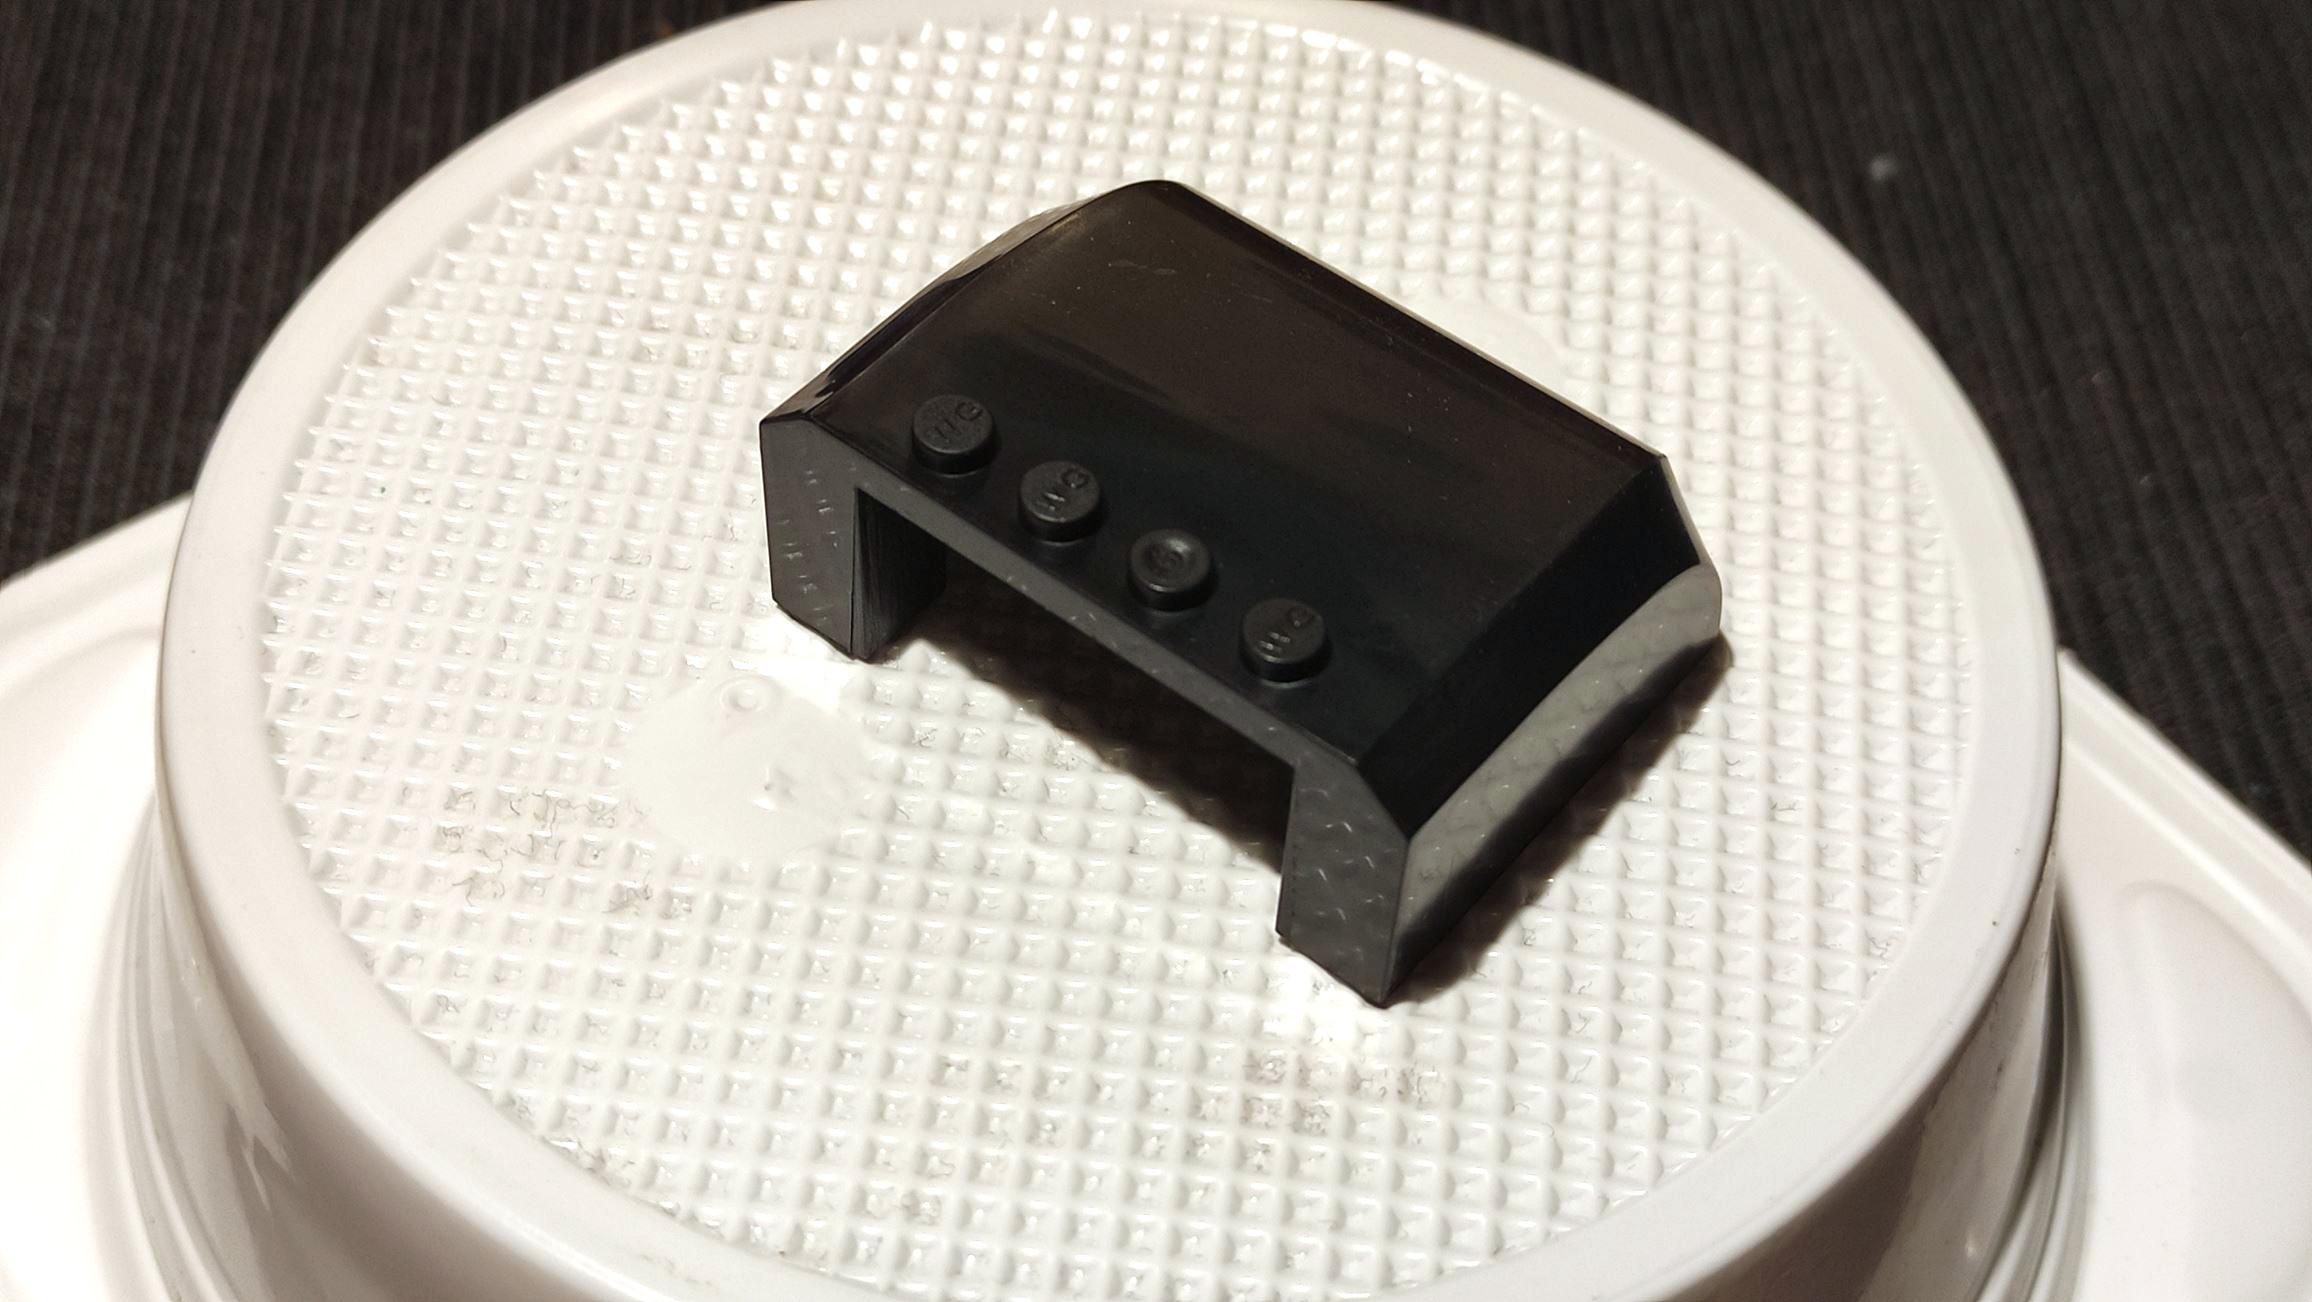 ID 61484 gibts bei Lego nicht in Schwarz!